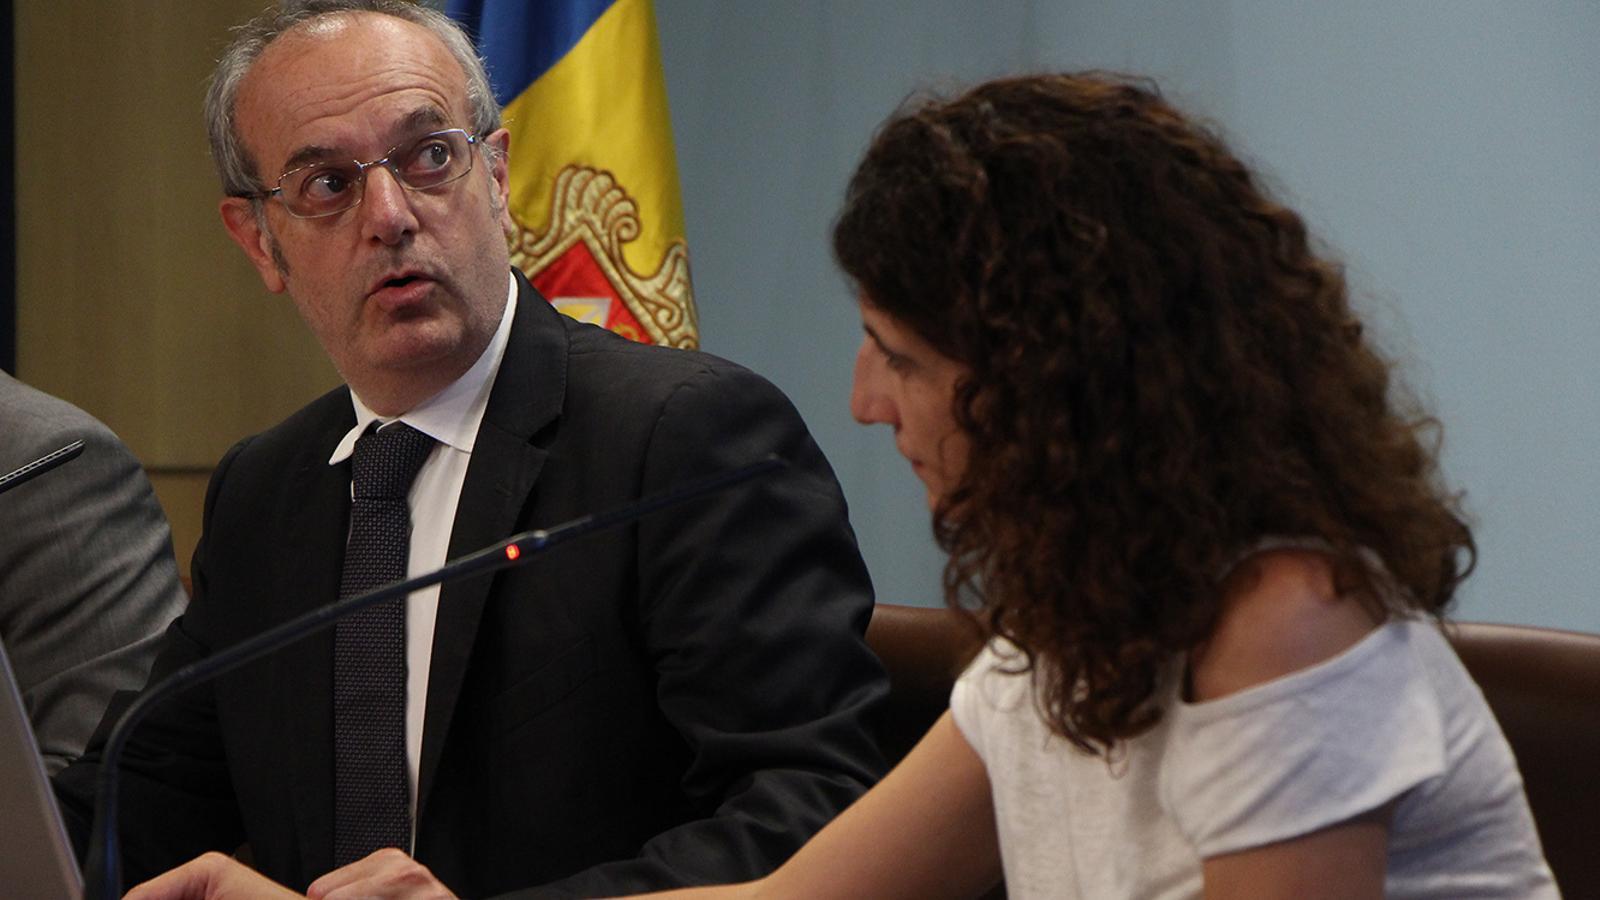 El ministre de Salut, Carles Álvarez, i la coordinadora de Recursos Sanitaris, Odile Sarroca, durant la roda de premsa posetrior al consell de ministres en què han explicat els canvis. / M. M. (ANA)